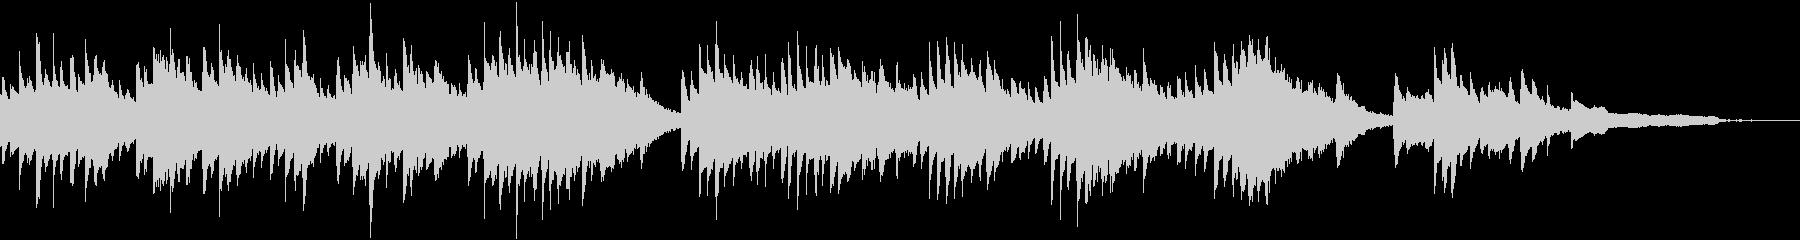 ピアノイントロジングルの未再生の波形